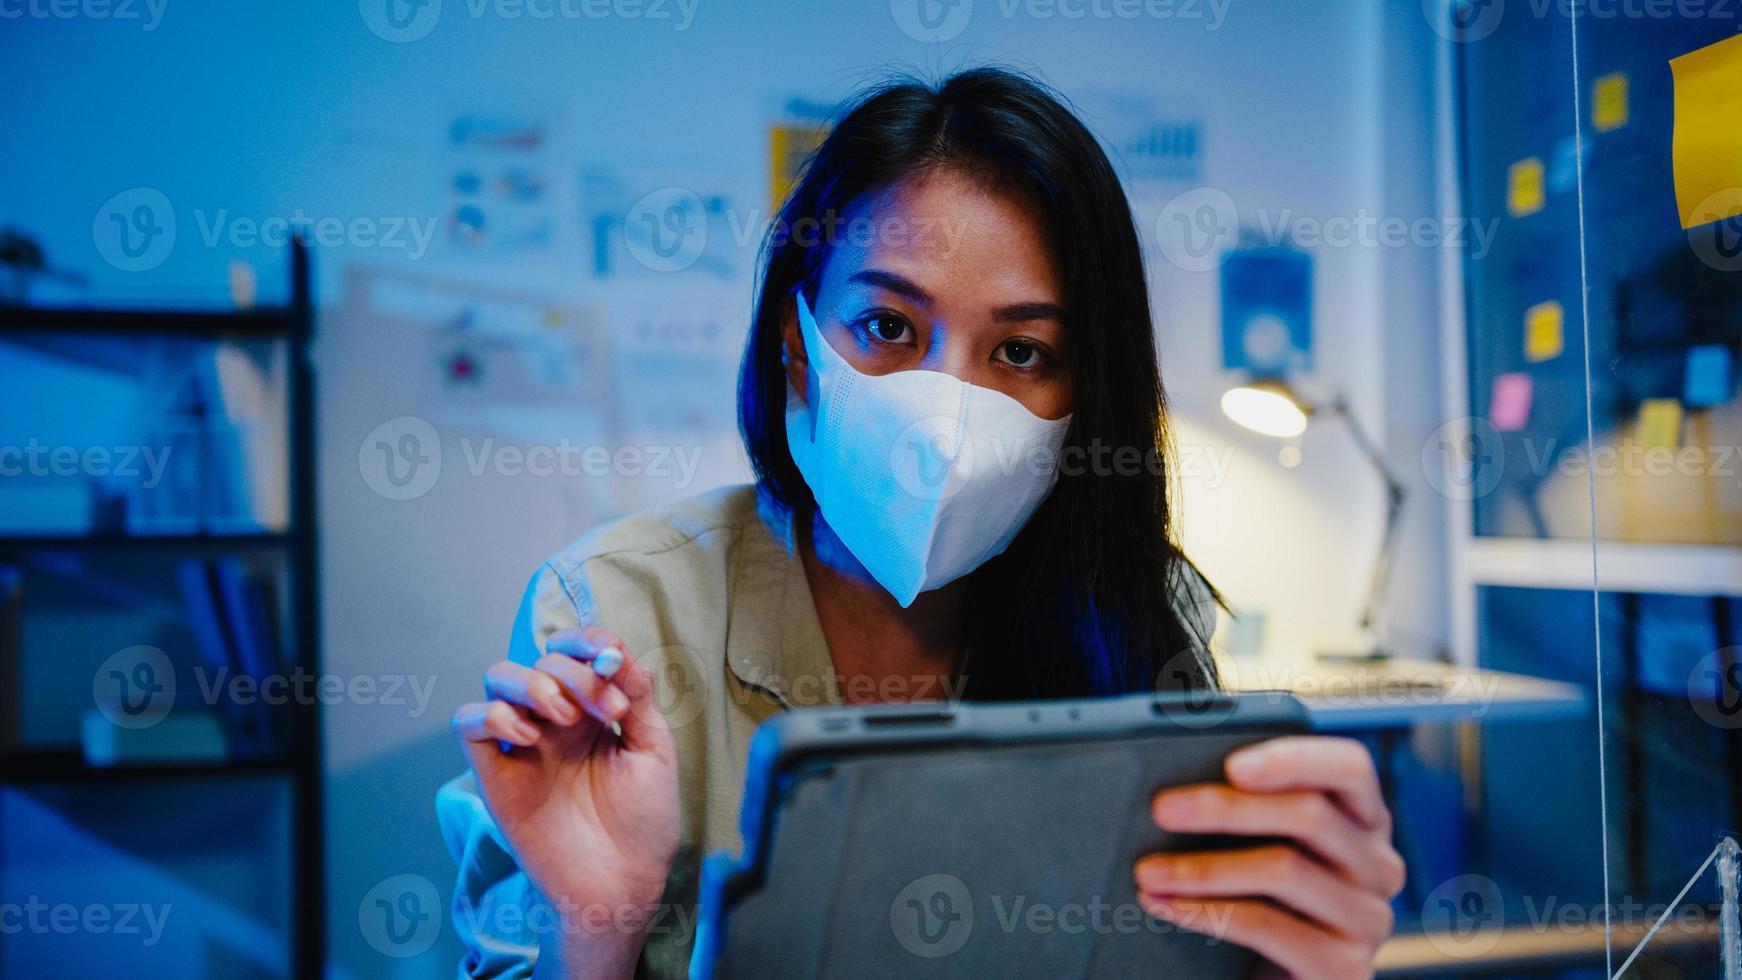 asiatisk affärskvinna bär ansiktsmask social distansering i situationen för virusförebyggande tittar på kamerapresentationen för vänner om planering i videosamtal medan du arbetar på kontoret. livet efter corona. foto